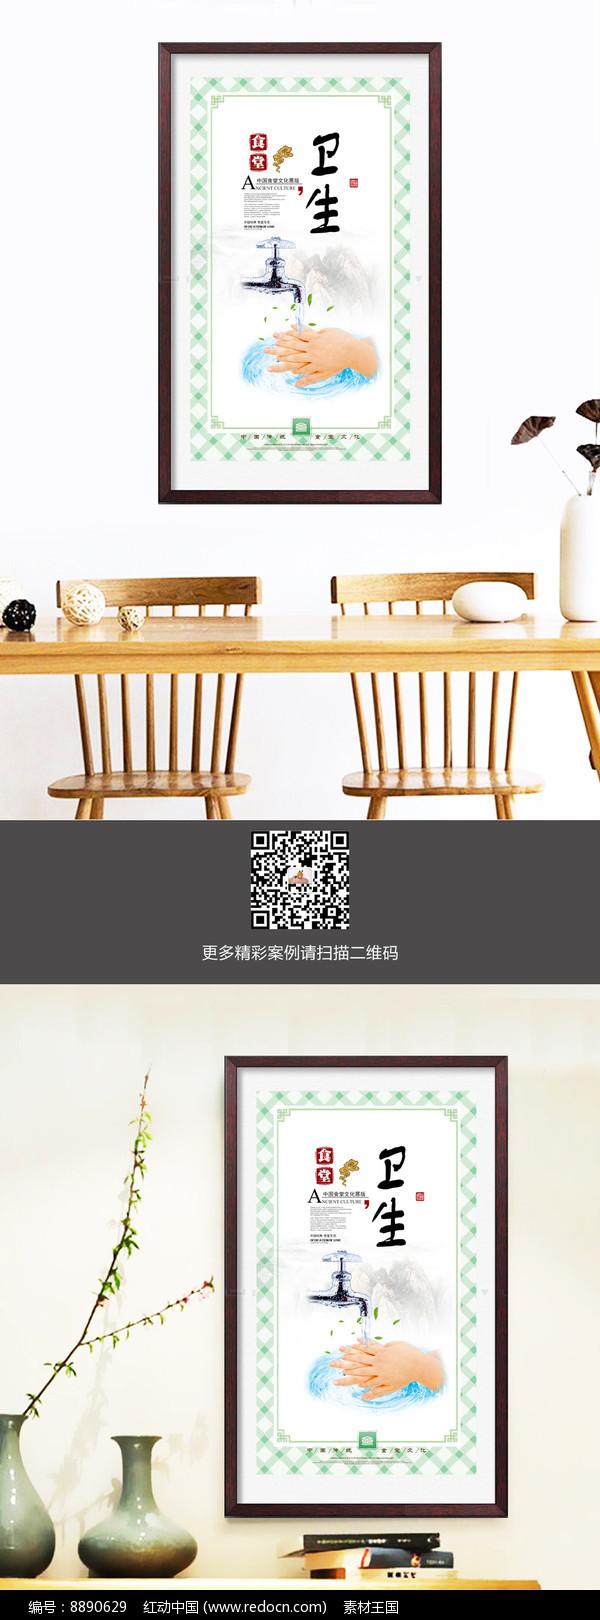 中国风食堂文化展板之卫生图片